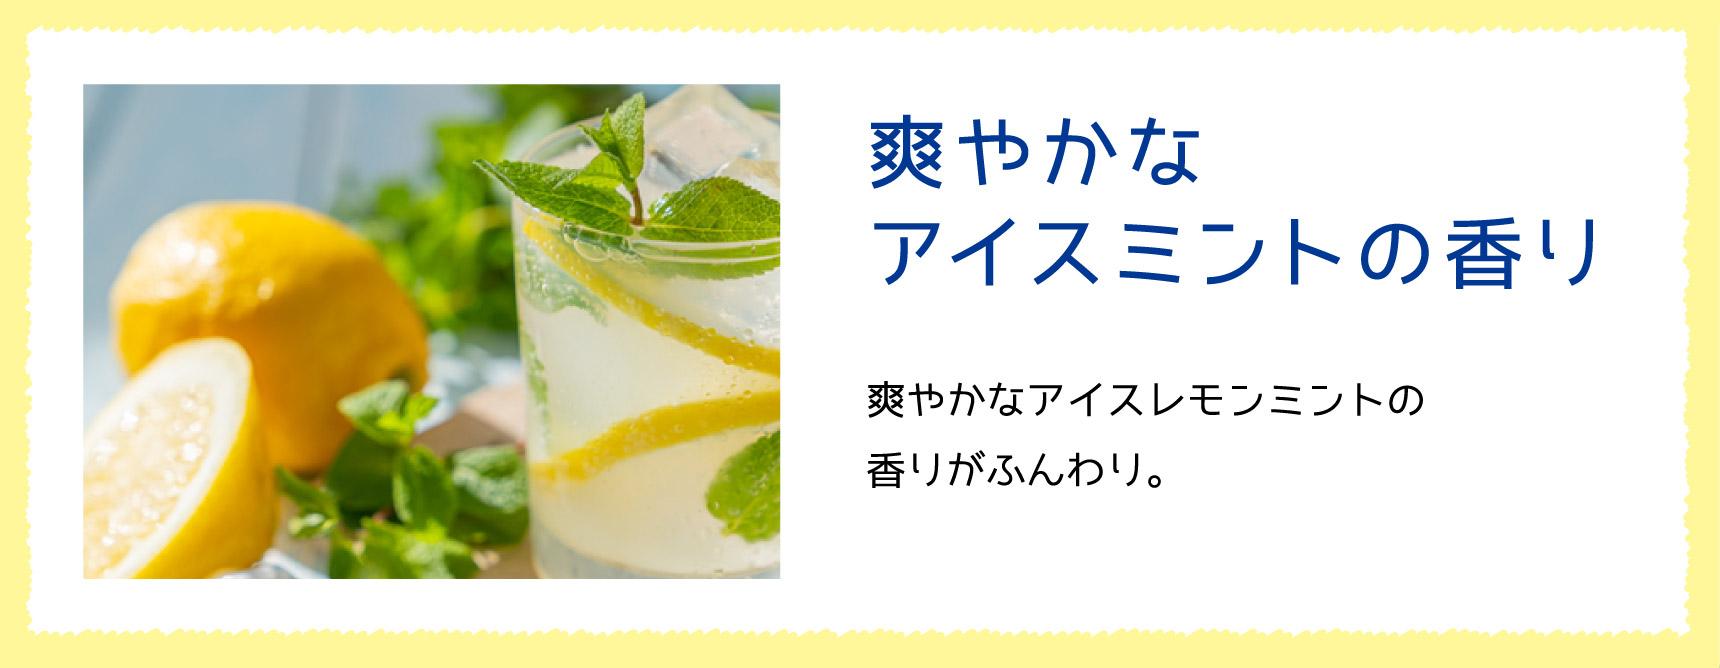 爽やかなアイスミントの香り 爽やかなアイスレモンミントの香りがふんわり。